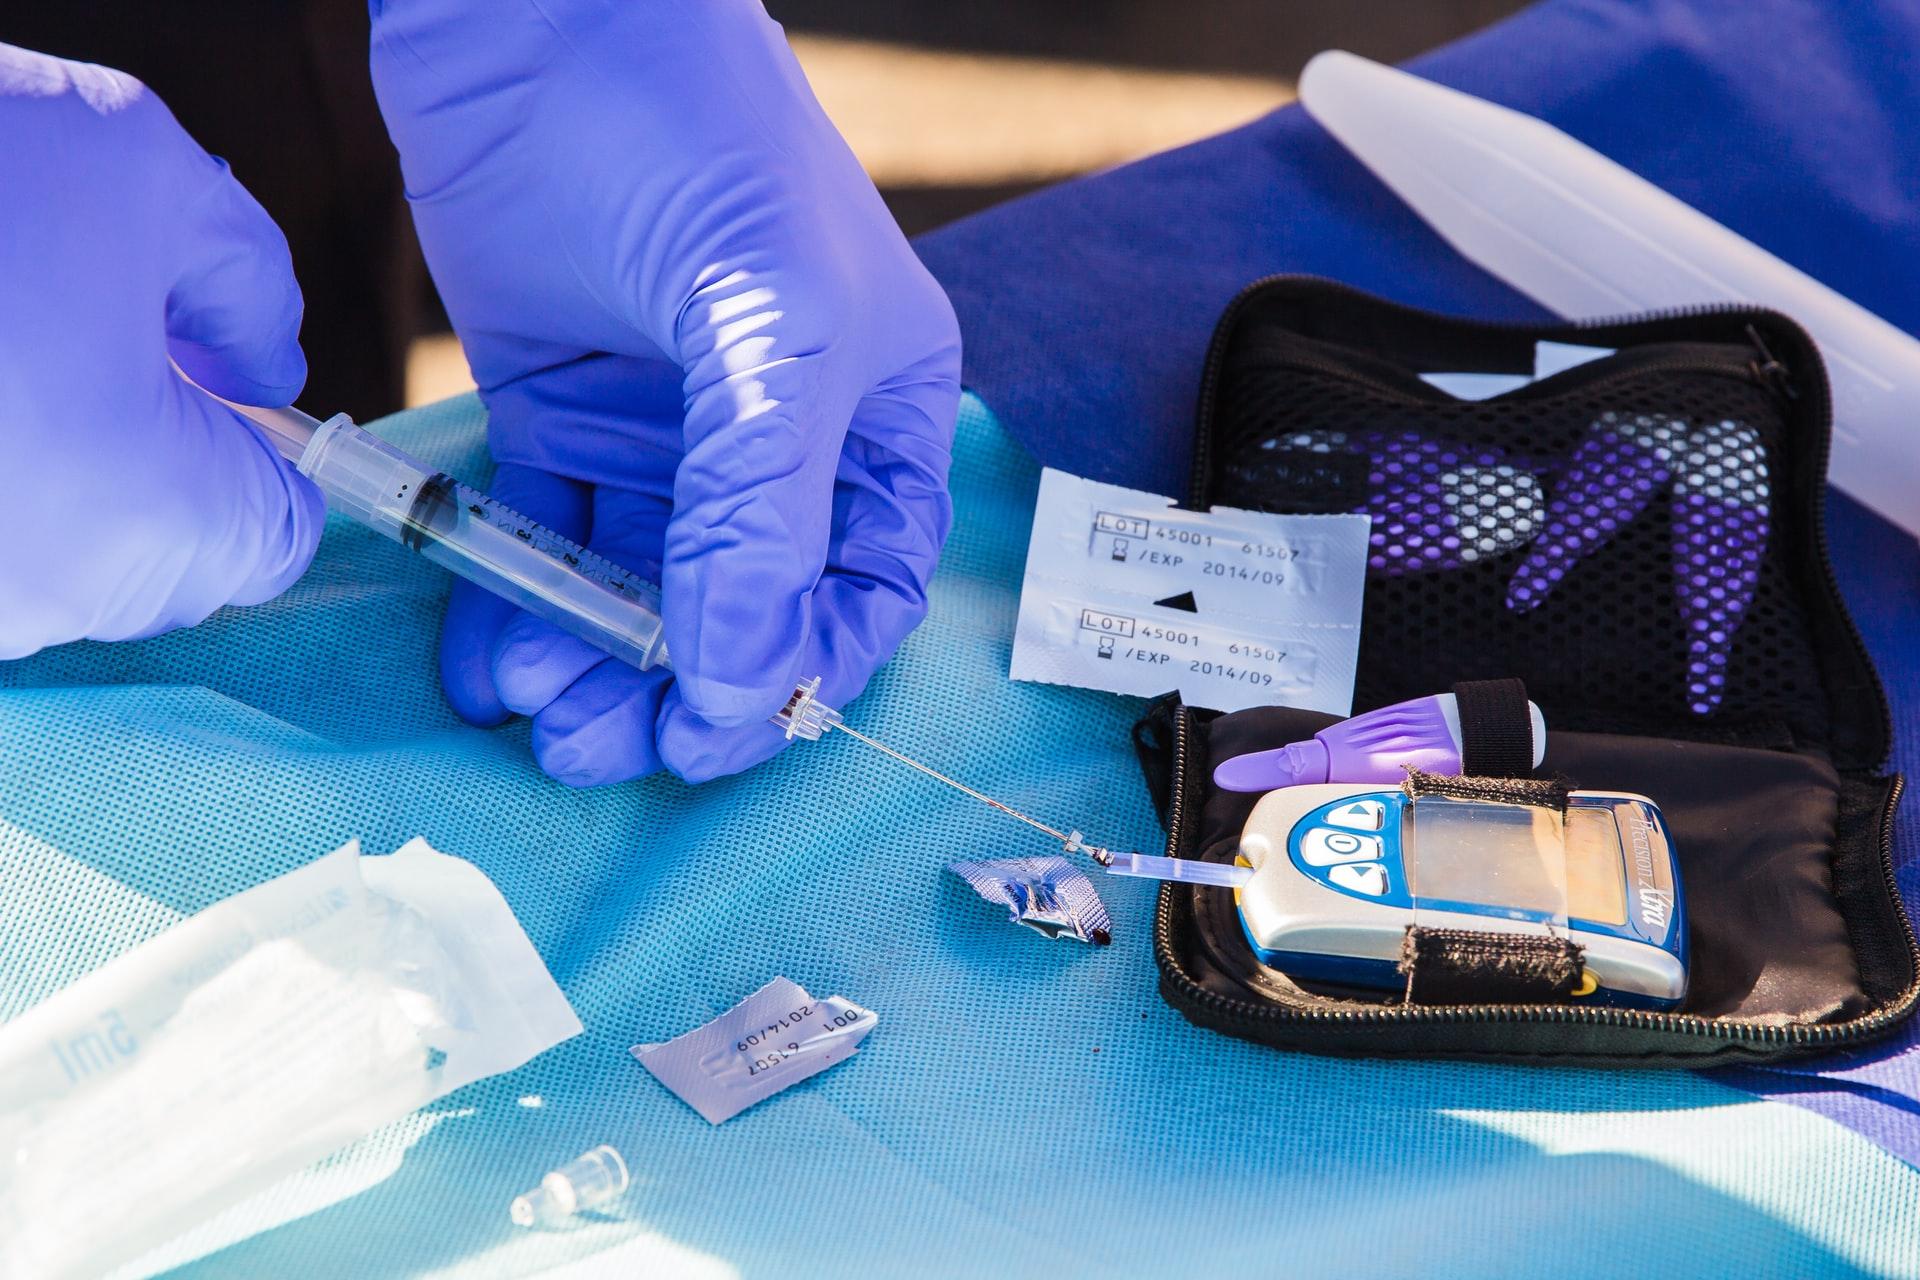 pourquoi-les-personnes-diabetiques-doivent-se-mefier-du-coronavirus